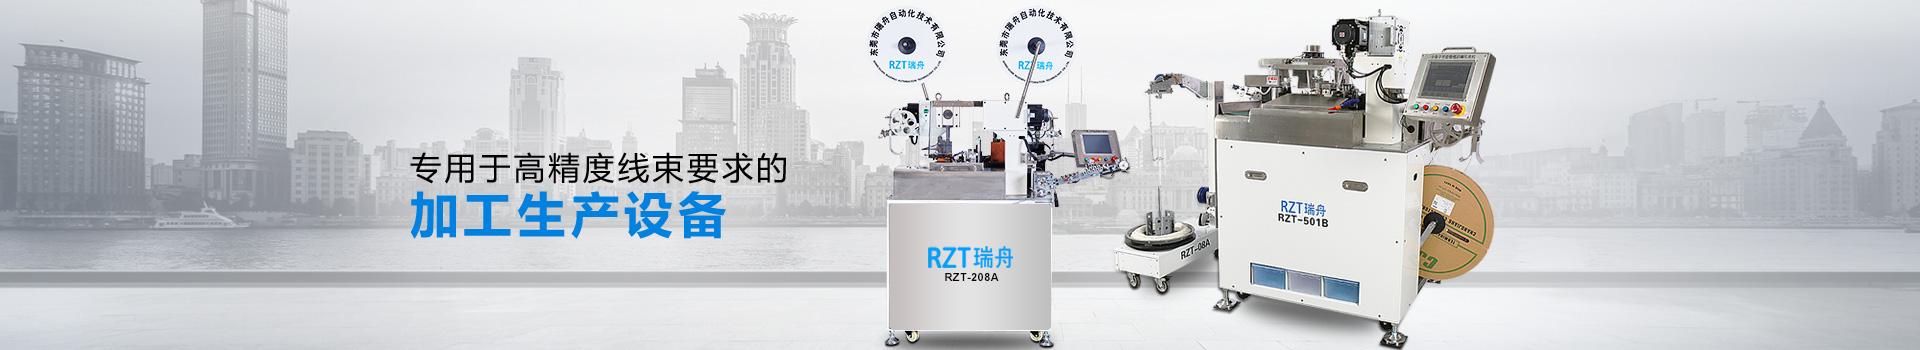 瑞舟-专用于高精度线束要求的加工生产设备